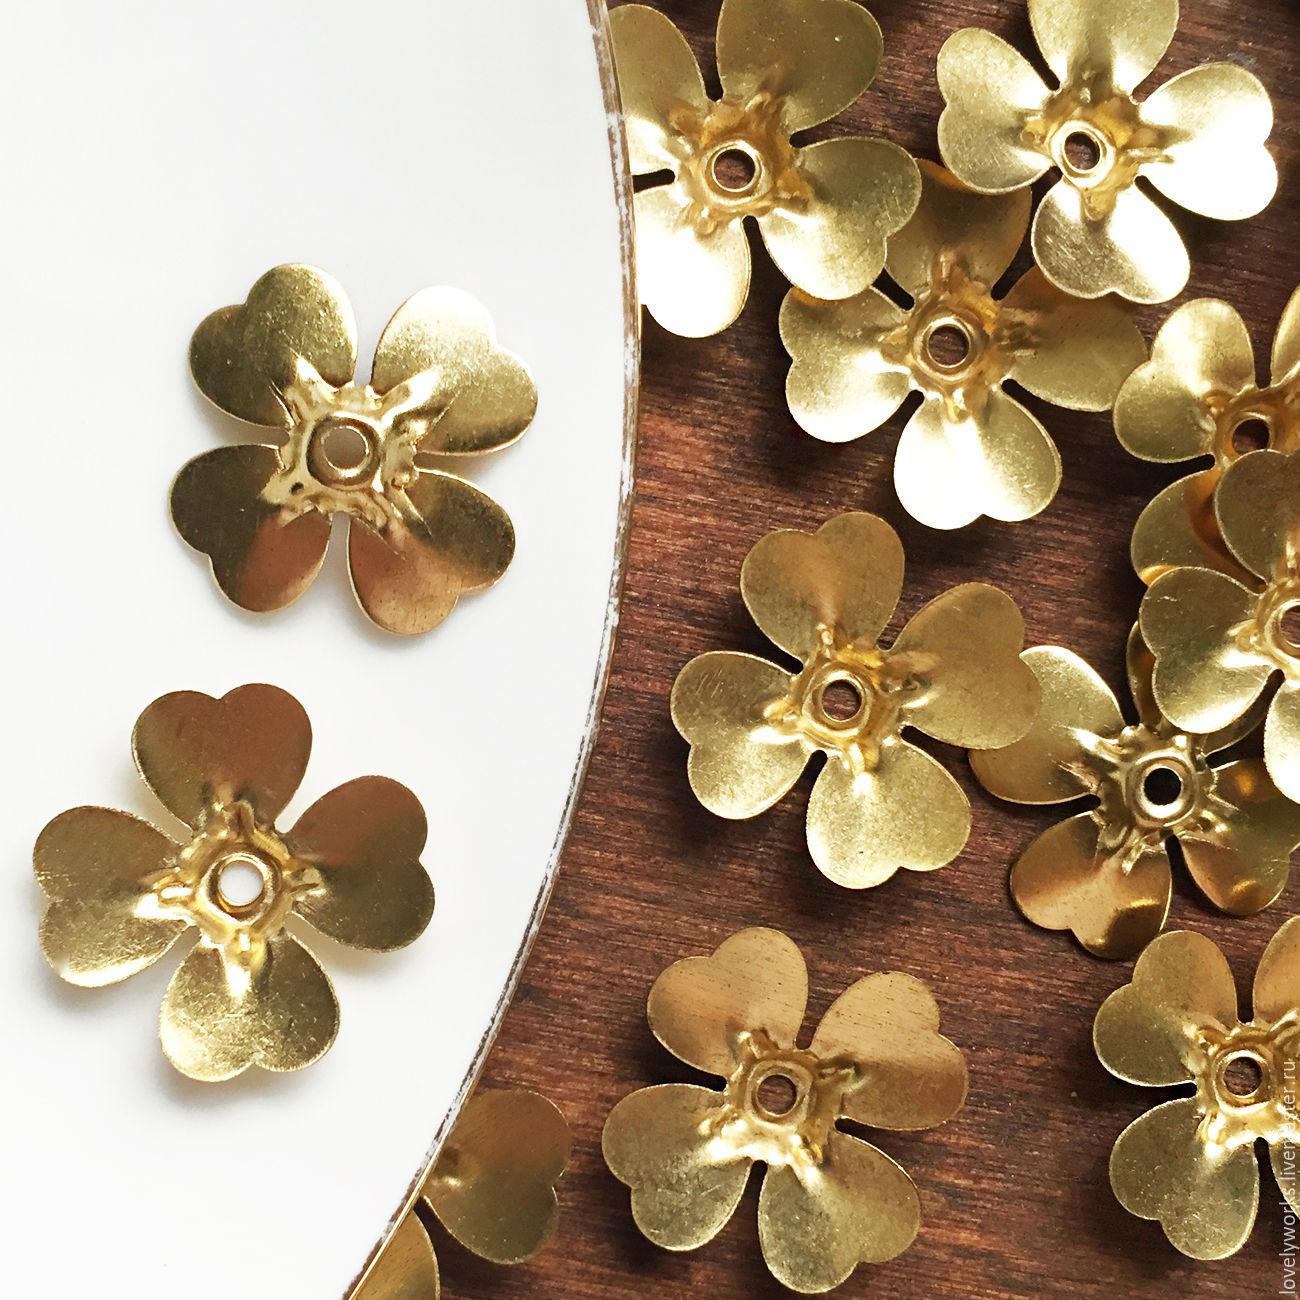 Бусины металлические цветы и бабочки купить в россии что можно купить мужчине в подарок на день рождения